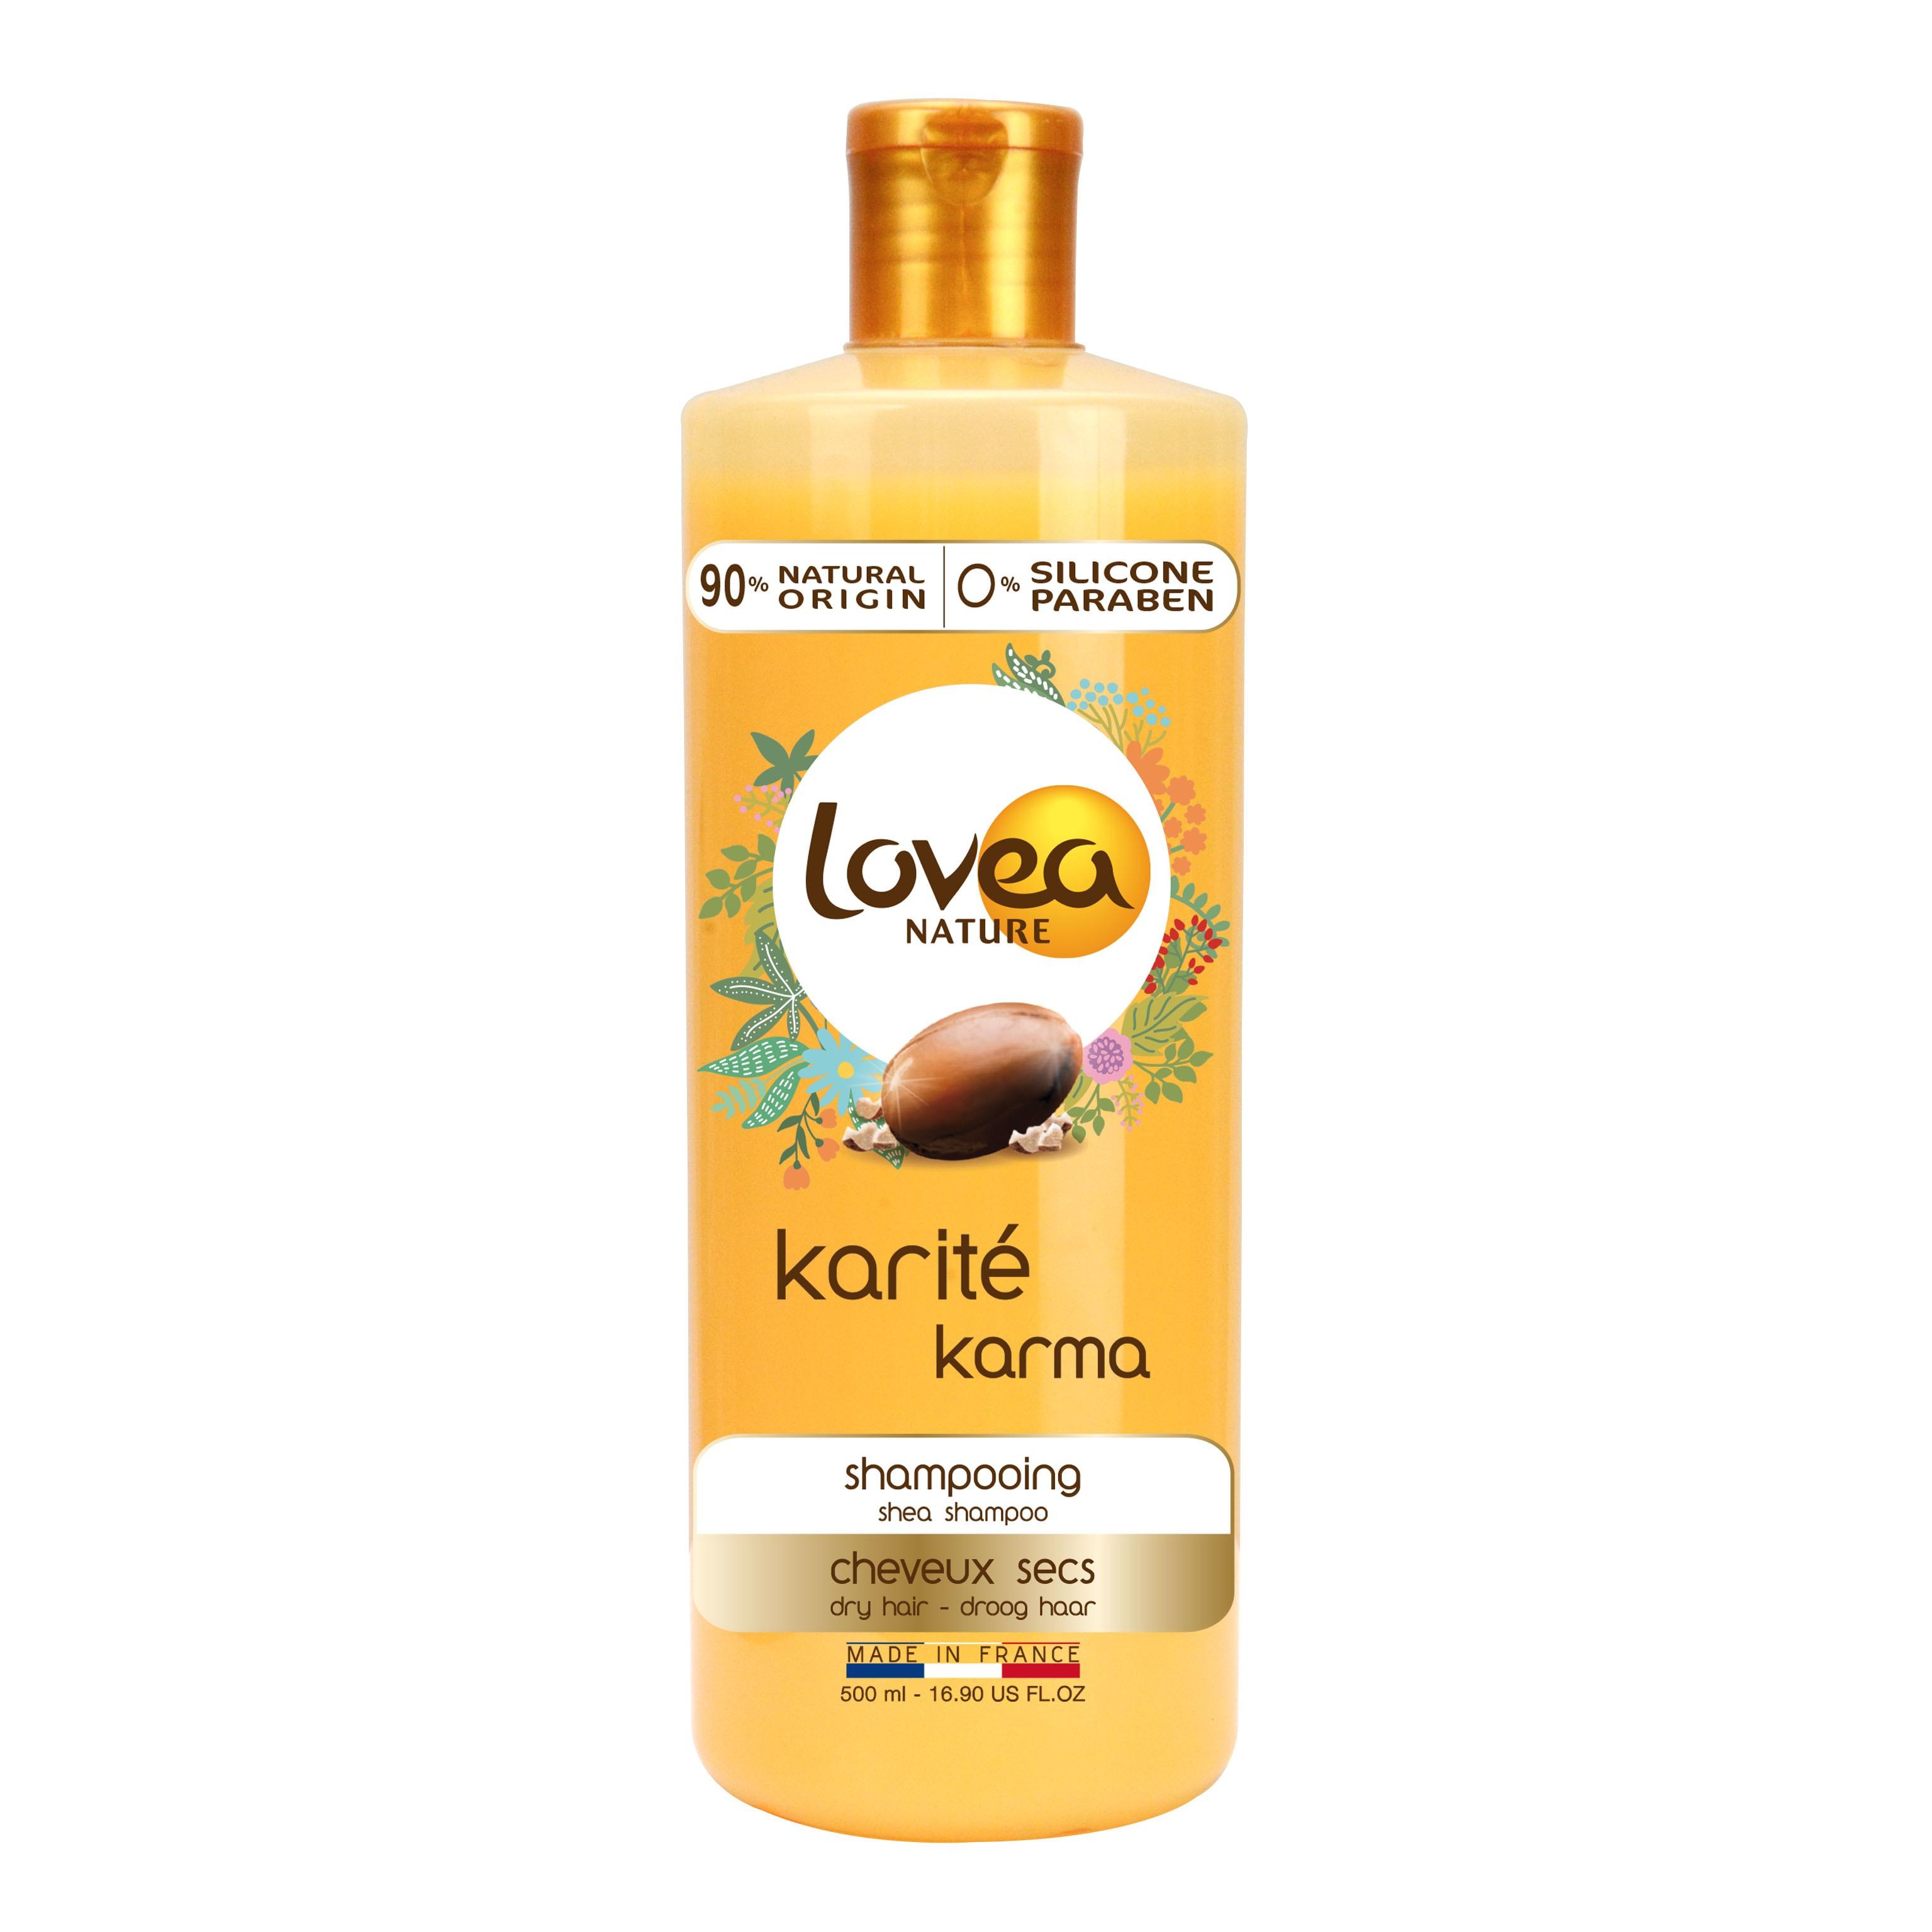 Lovea乳油木因緣洗髮露(大) 500ml